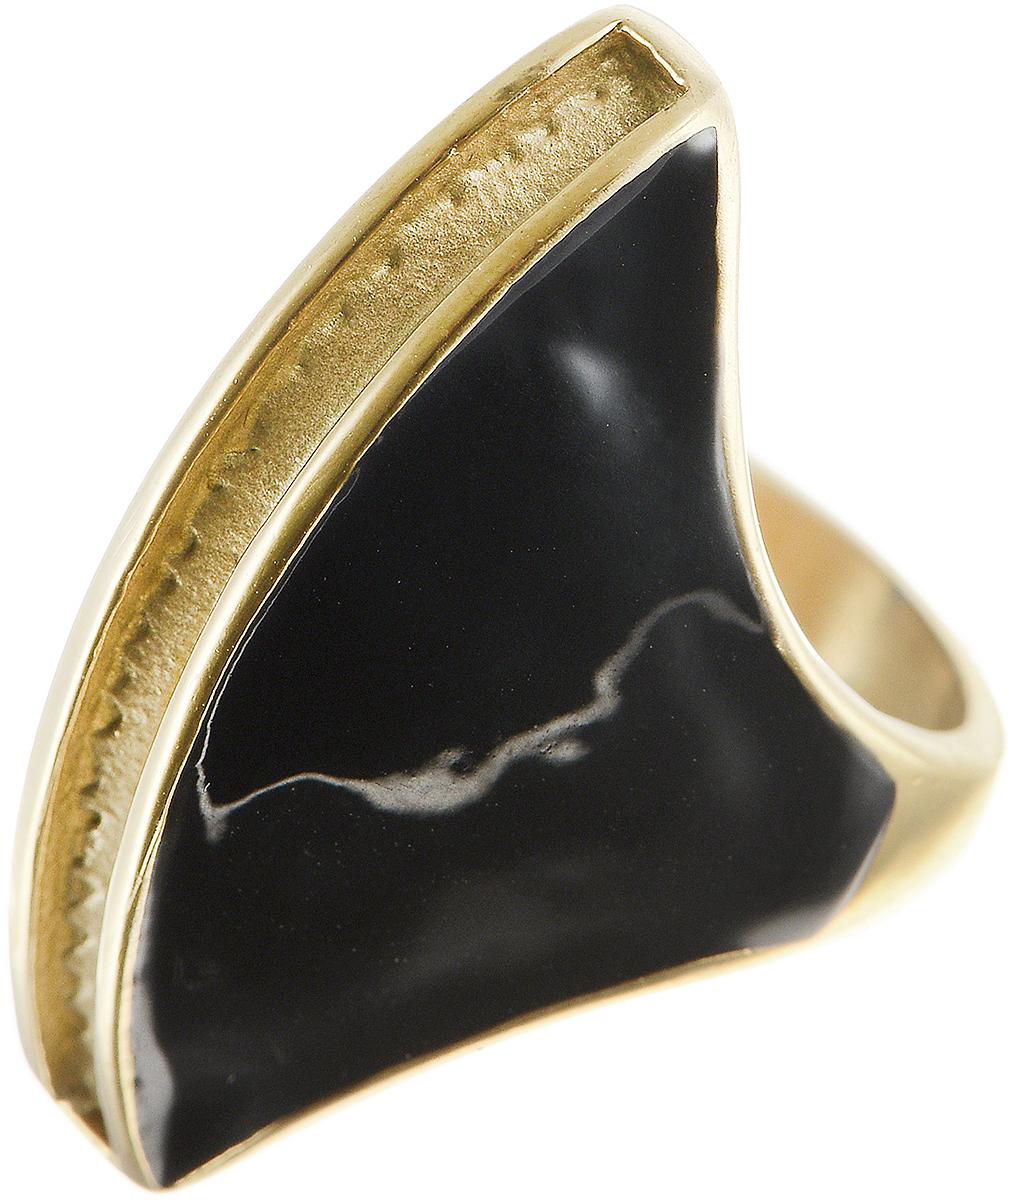 Кольцо Polina Selezneva, цвет: золотистый, черный. DG-0025. Размер 19Коктейльное кольцоСтильное кольцо Polina Selezneva изготовлено из латуни и выполнено в оригинальном дизайне. Декоративная часть оформлена вставкой из эмали.